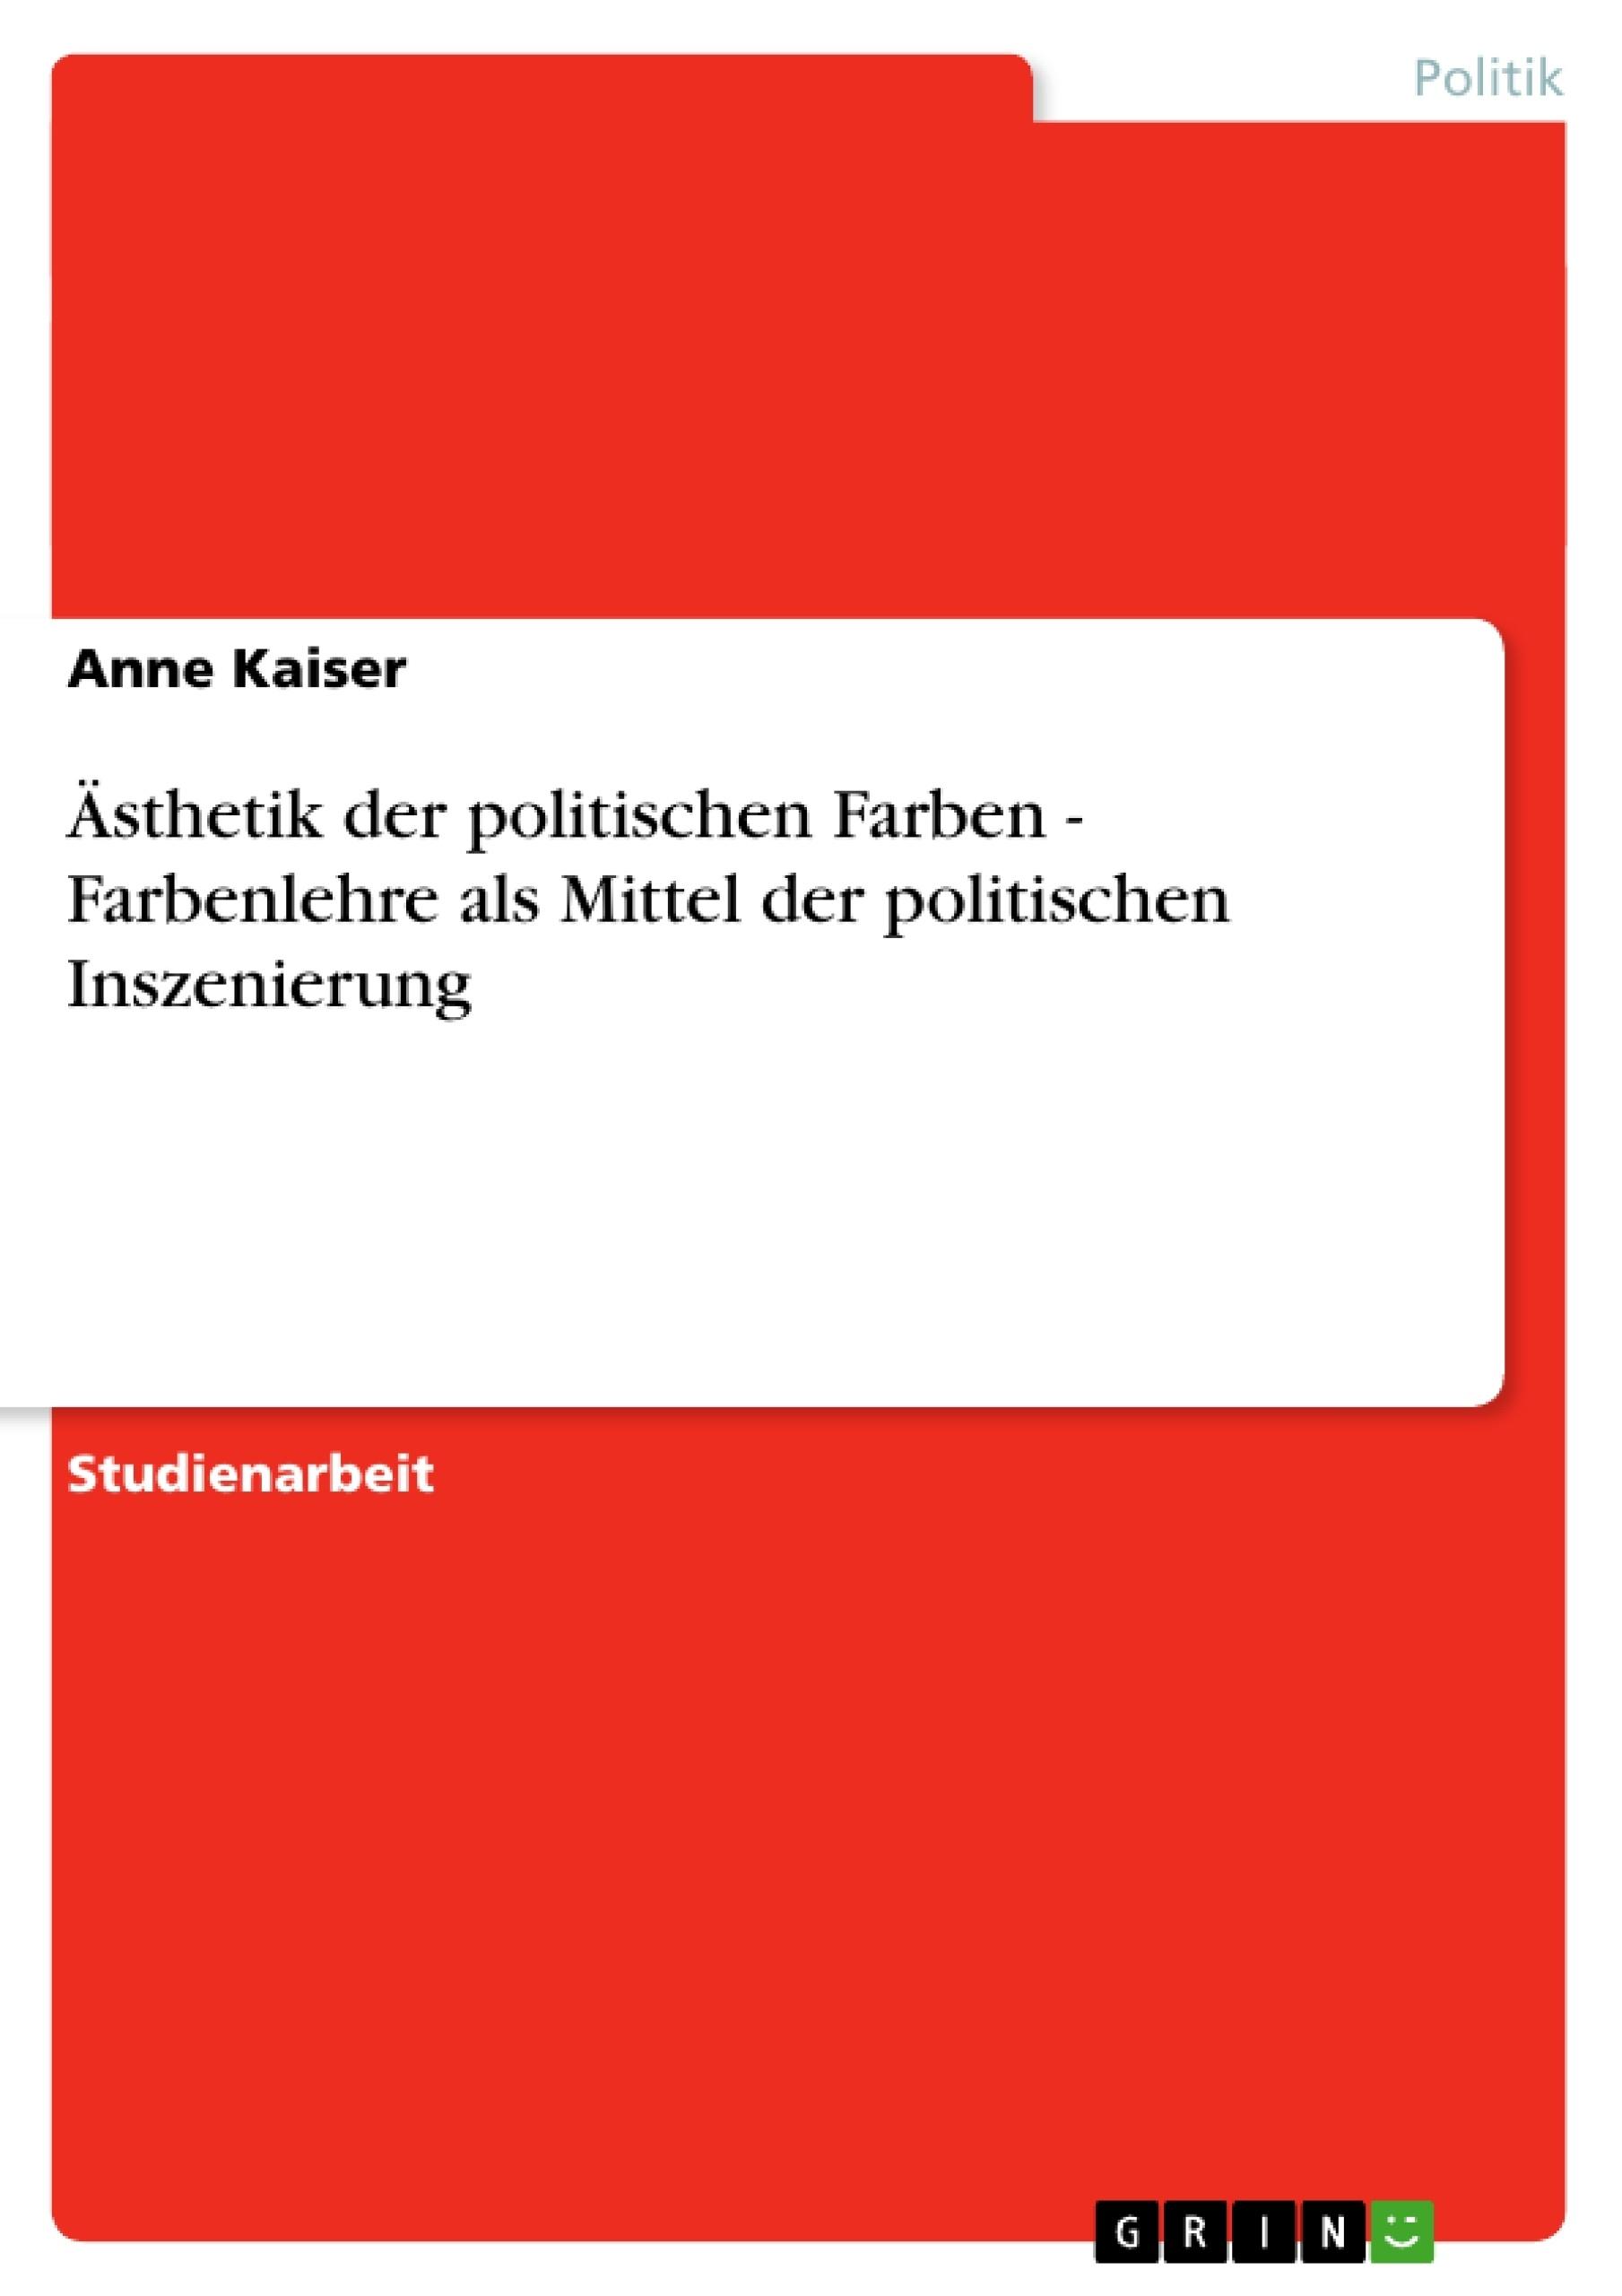 Titel: Ästhetik der politischen Farben - Farbenlehre als Mittel der politischen Inszenierung